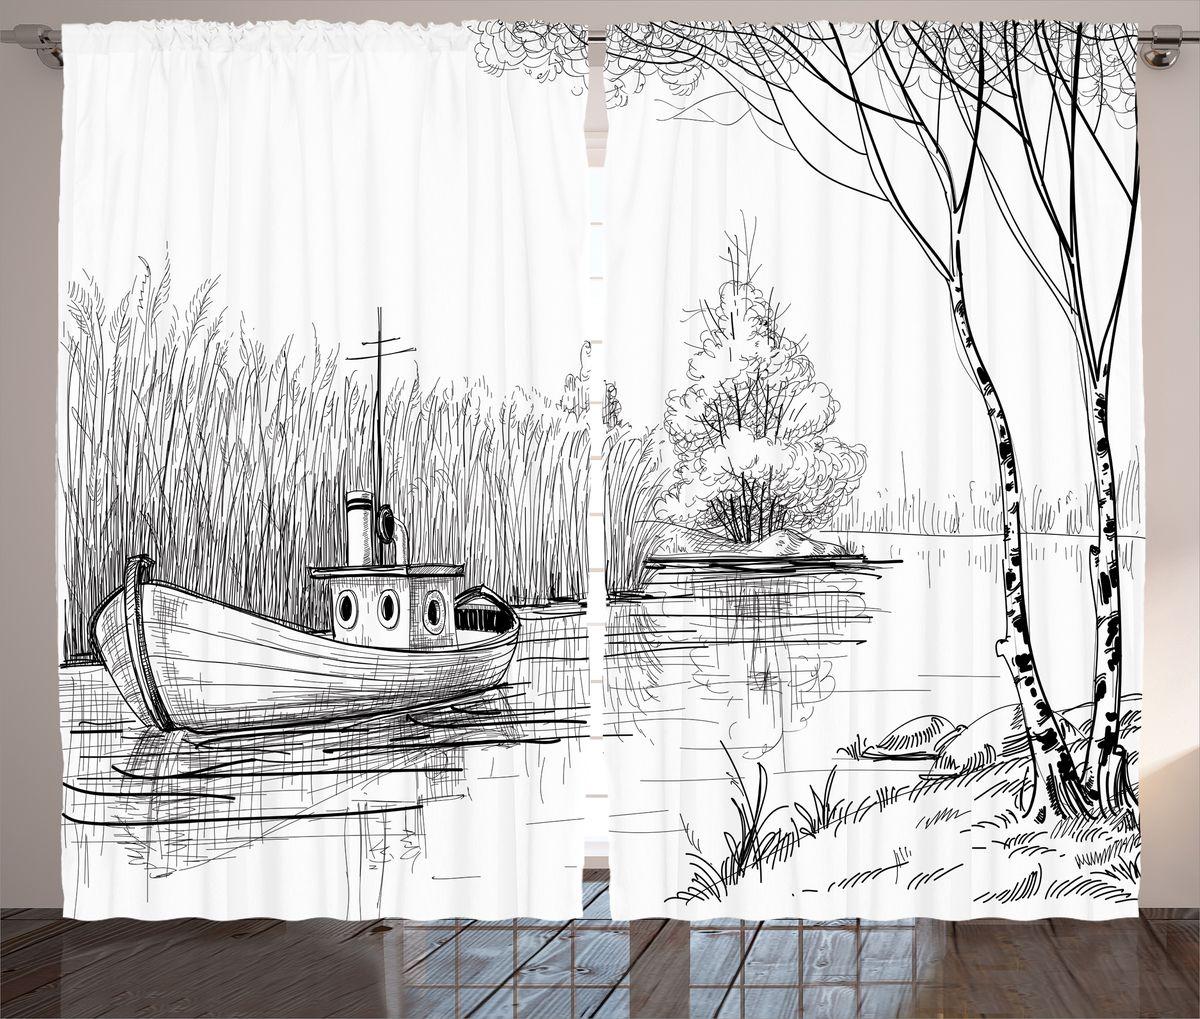 Комплект фотоштор Magic Lady Лодка на тихой реке, на ленте, высота 265 см. шсг_14968шсг_14968Компания Сэмболь изготавливает шторы из высококачественного сатена (полиэстер 100%). При изготовлении используются специальные гипоаллергенные чернила для прямой печати по ткани, безопасные для человека и животных. Экологичность продукции Magic lady и безопасность для окружающей среды подтверждены сертификатом Oeko-Tex Standard 100. Крепление: крючки для крепления на шторной ленте (50 шт). Возможно крепление на трубу. Внимание! При нанесении сублимационной печати на ткань технологическим методом при температуре 240°С, возможно отклонение полученных размеров (указанных на этикетке и сайте) от стандартных на + - 3-5 см. Производитель старается максимально точно передать цвета изделия на фотографиях, однако искажения неизбежны и фактический цвет изделия может отличаться от воспринимаемого по фото. Обратите внимание! Шторы изготовлены из полиэстра сатенового переплетения, а не из сатина (хлопок). Размер одного полотна шторы: 145х265 см. В комплекте 2 полотна шторы и 50 крючков.